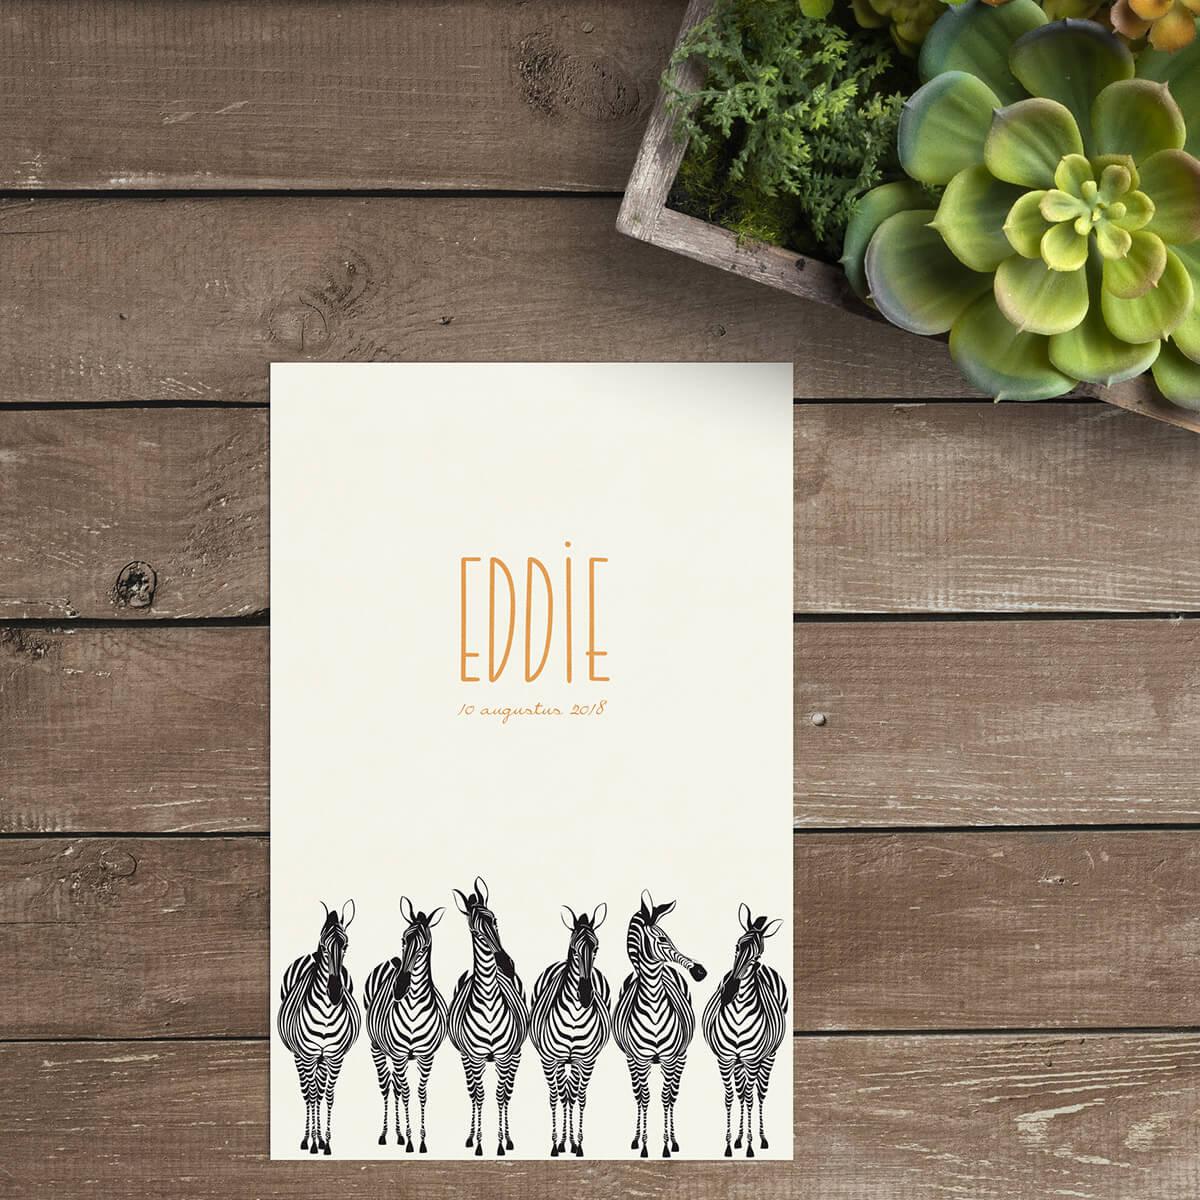 Geboortekaartje Zebra Parade is een leuk geïllustreerd ontwerp met een dikke knipoog.